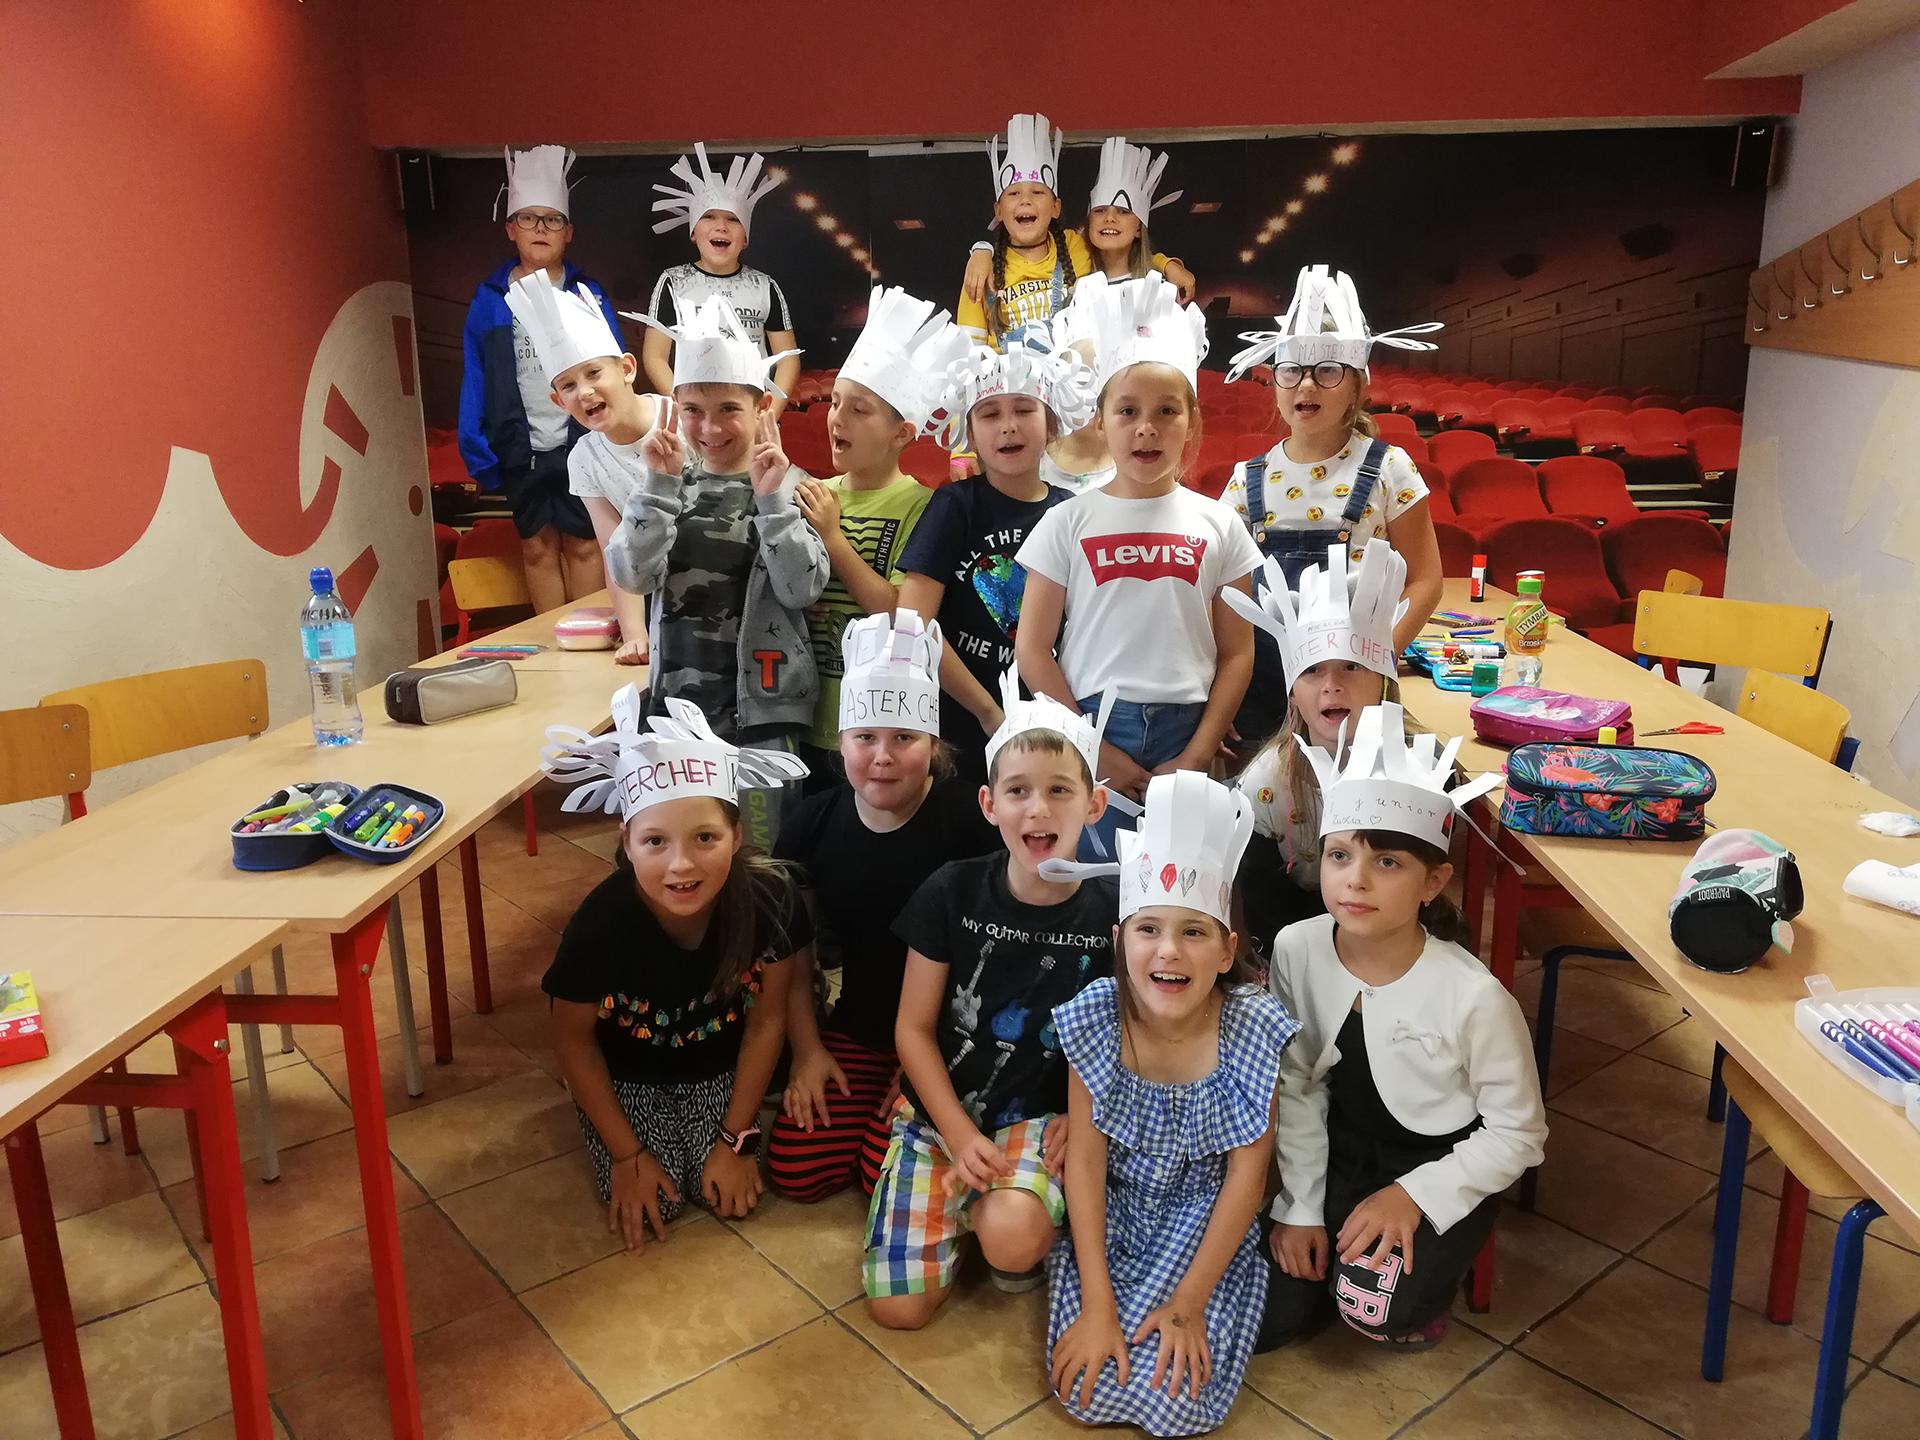 Dzieci z ręcznie wykonanymi kapeluszami podczas półkolonii językowej w Zamościu (szkoła językowa Bacalrus)